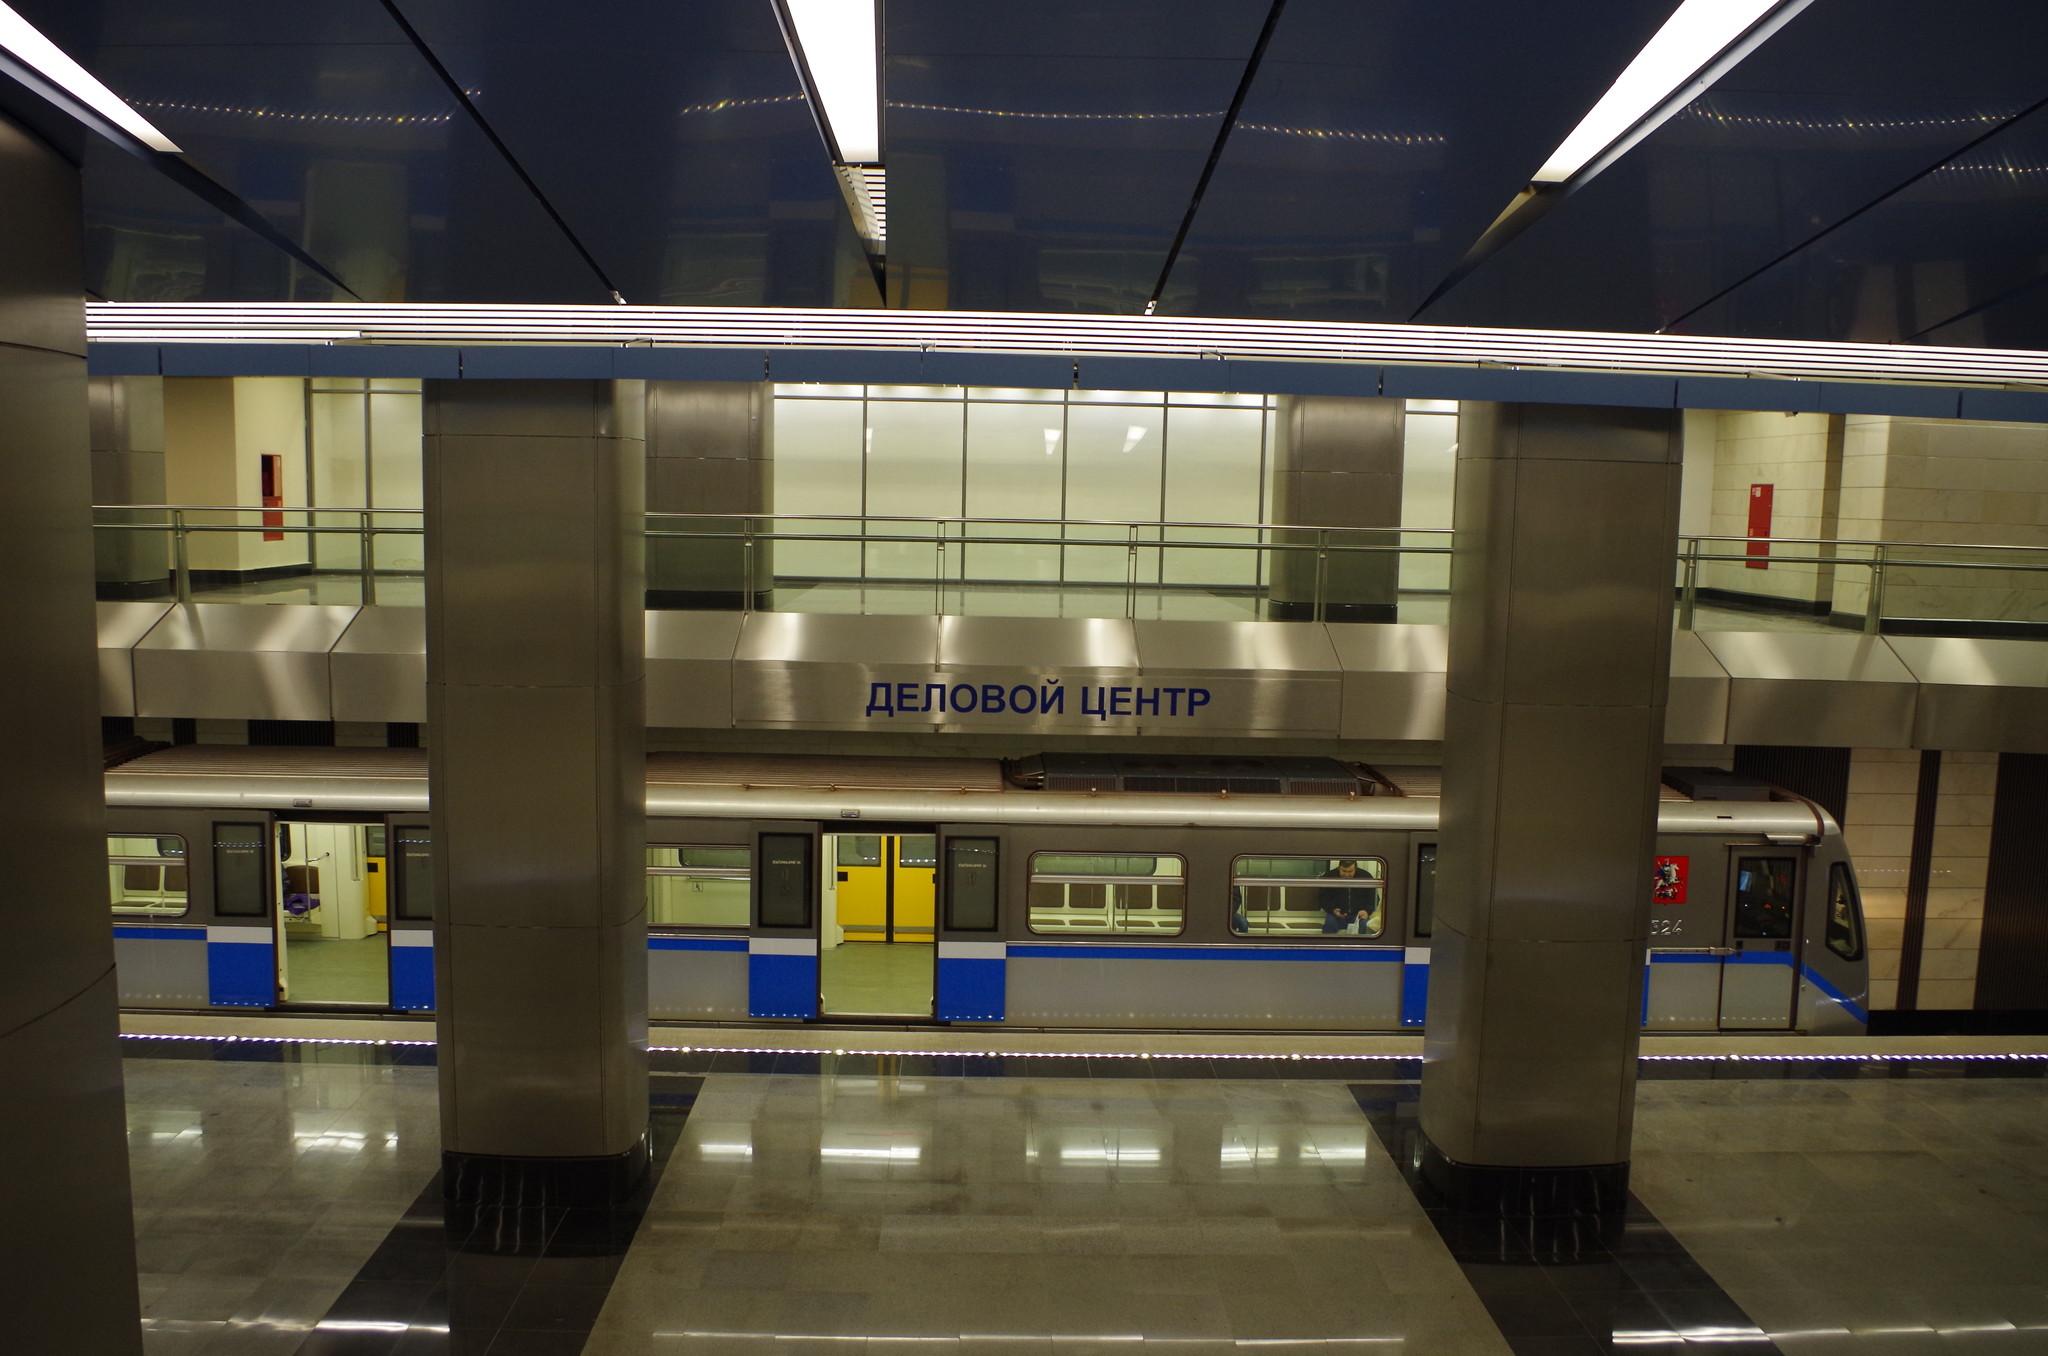 Станция Калининско-Солнцевской линии метро «Деловой центр»